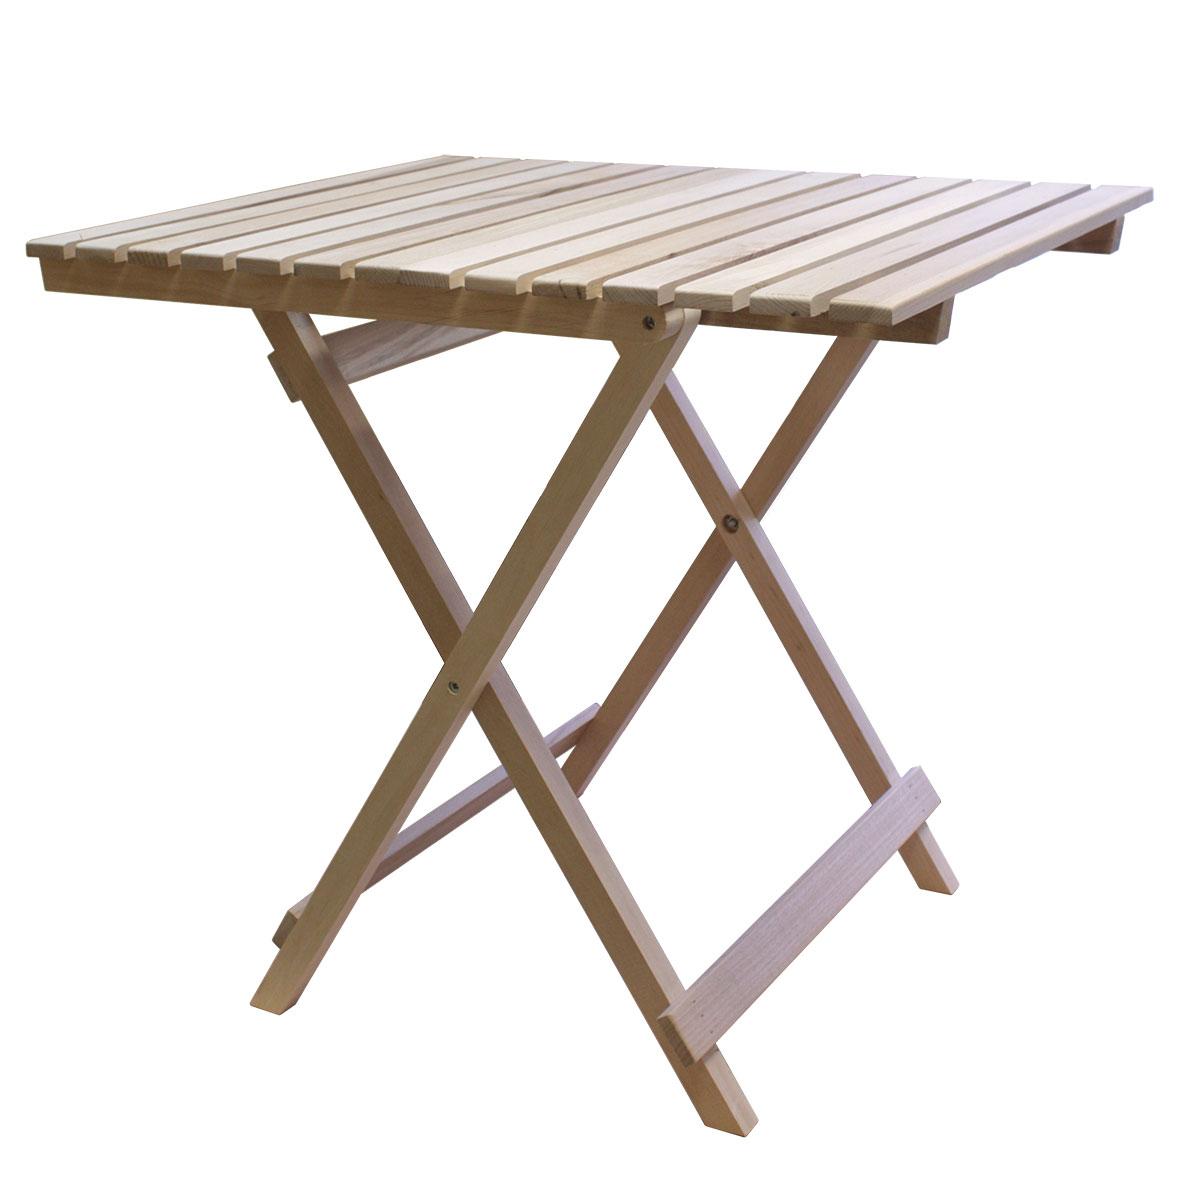 Стол складной Счастливый дачникСTOСДСкладной стол Счастливый дачник - это незаменимый предмет на даче для приятного времяпрепровождения. Стол выполнен из дерева (ольха), легко складывается и компактен при хранении.Такой стол прекрасно подойдет для комфортного отдыха на даче.В разобранном виде: 80 х 60,5 х 5,5 см.В собранном виде: 76 х 60,5 х 78 см.Размер столешницы: 76 х 60,5 см.